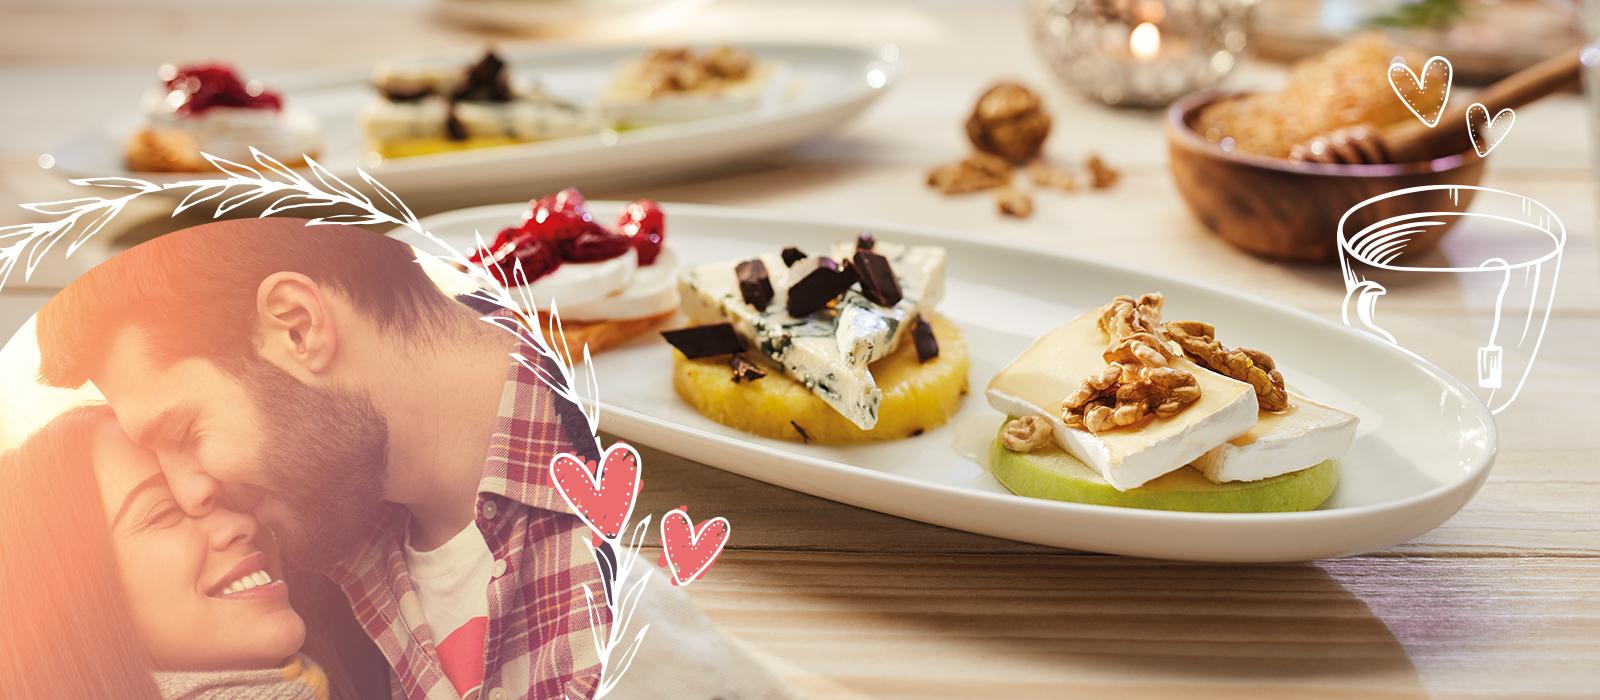 Valentinstag - Ideen für köstliche Stunden